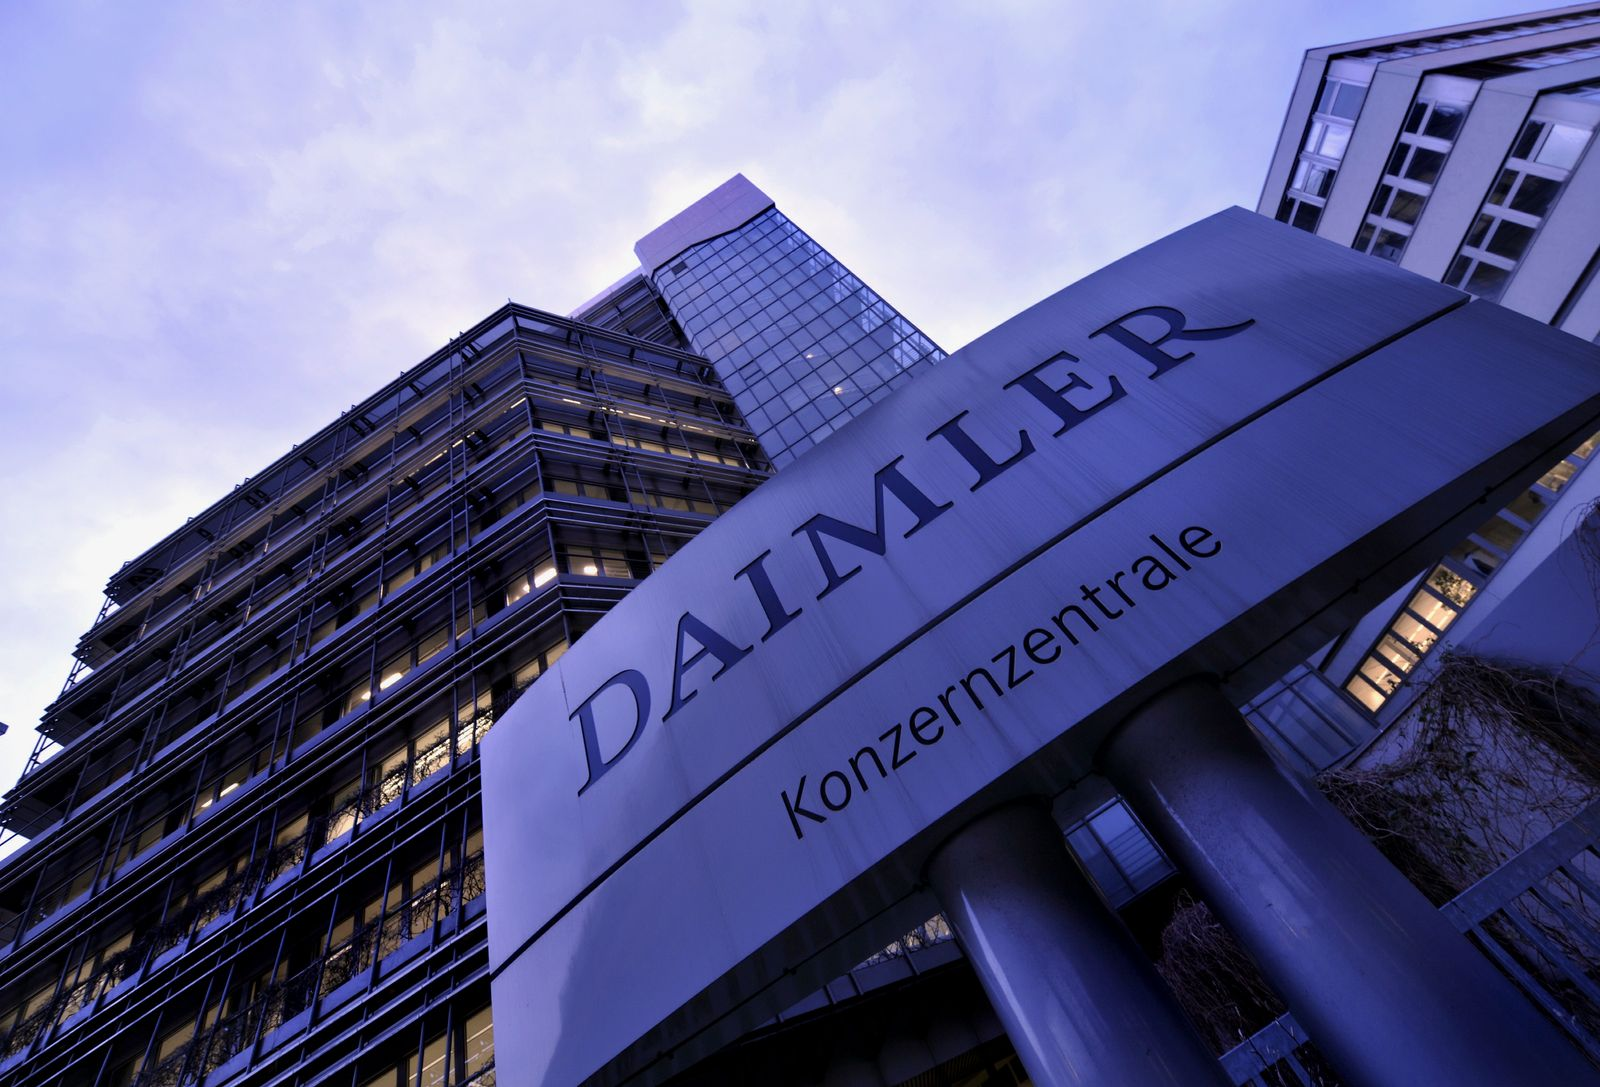 NICHT VERWENDEN Daimler / Konzernzentrale Untertürkheim